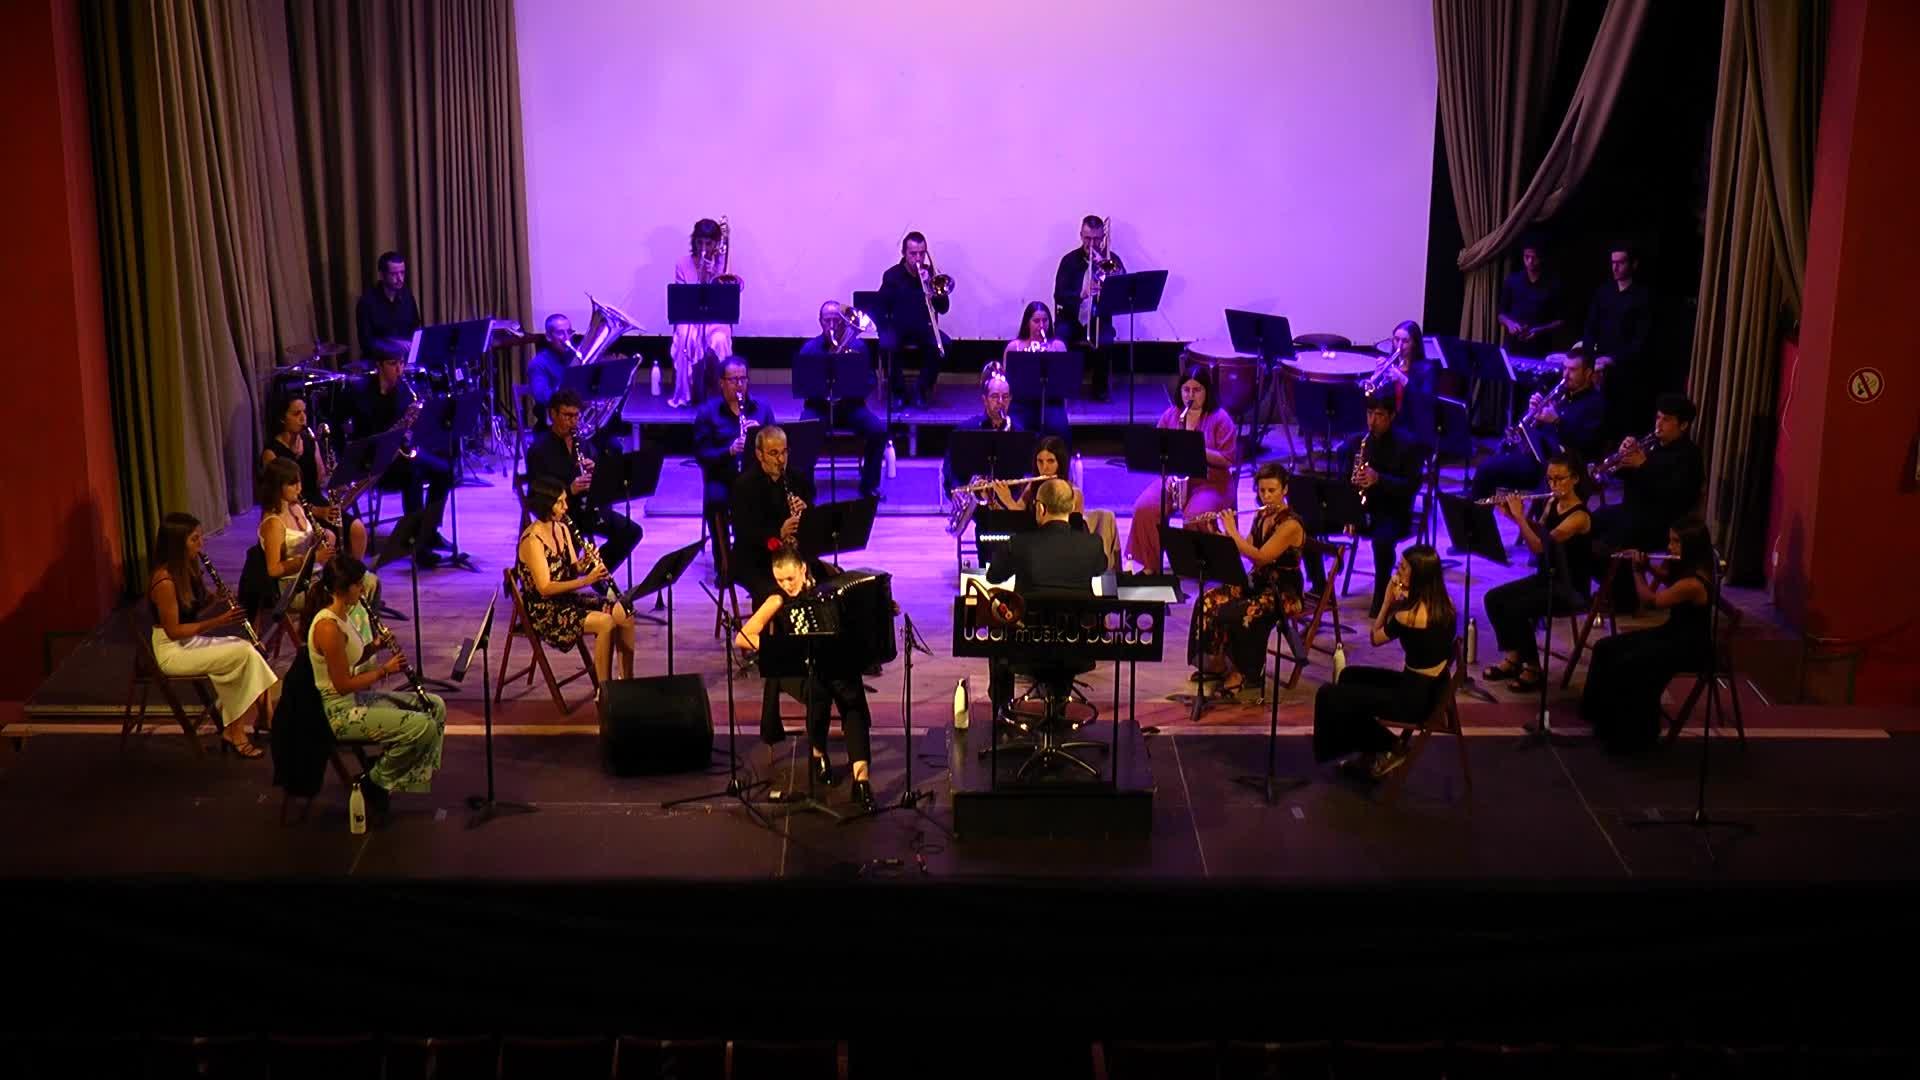 Zumaiako Udal Musika Banda eta Maria Zubimendi akordeoi jotzailearen kontzertua